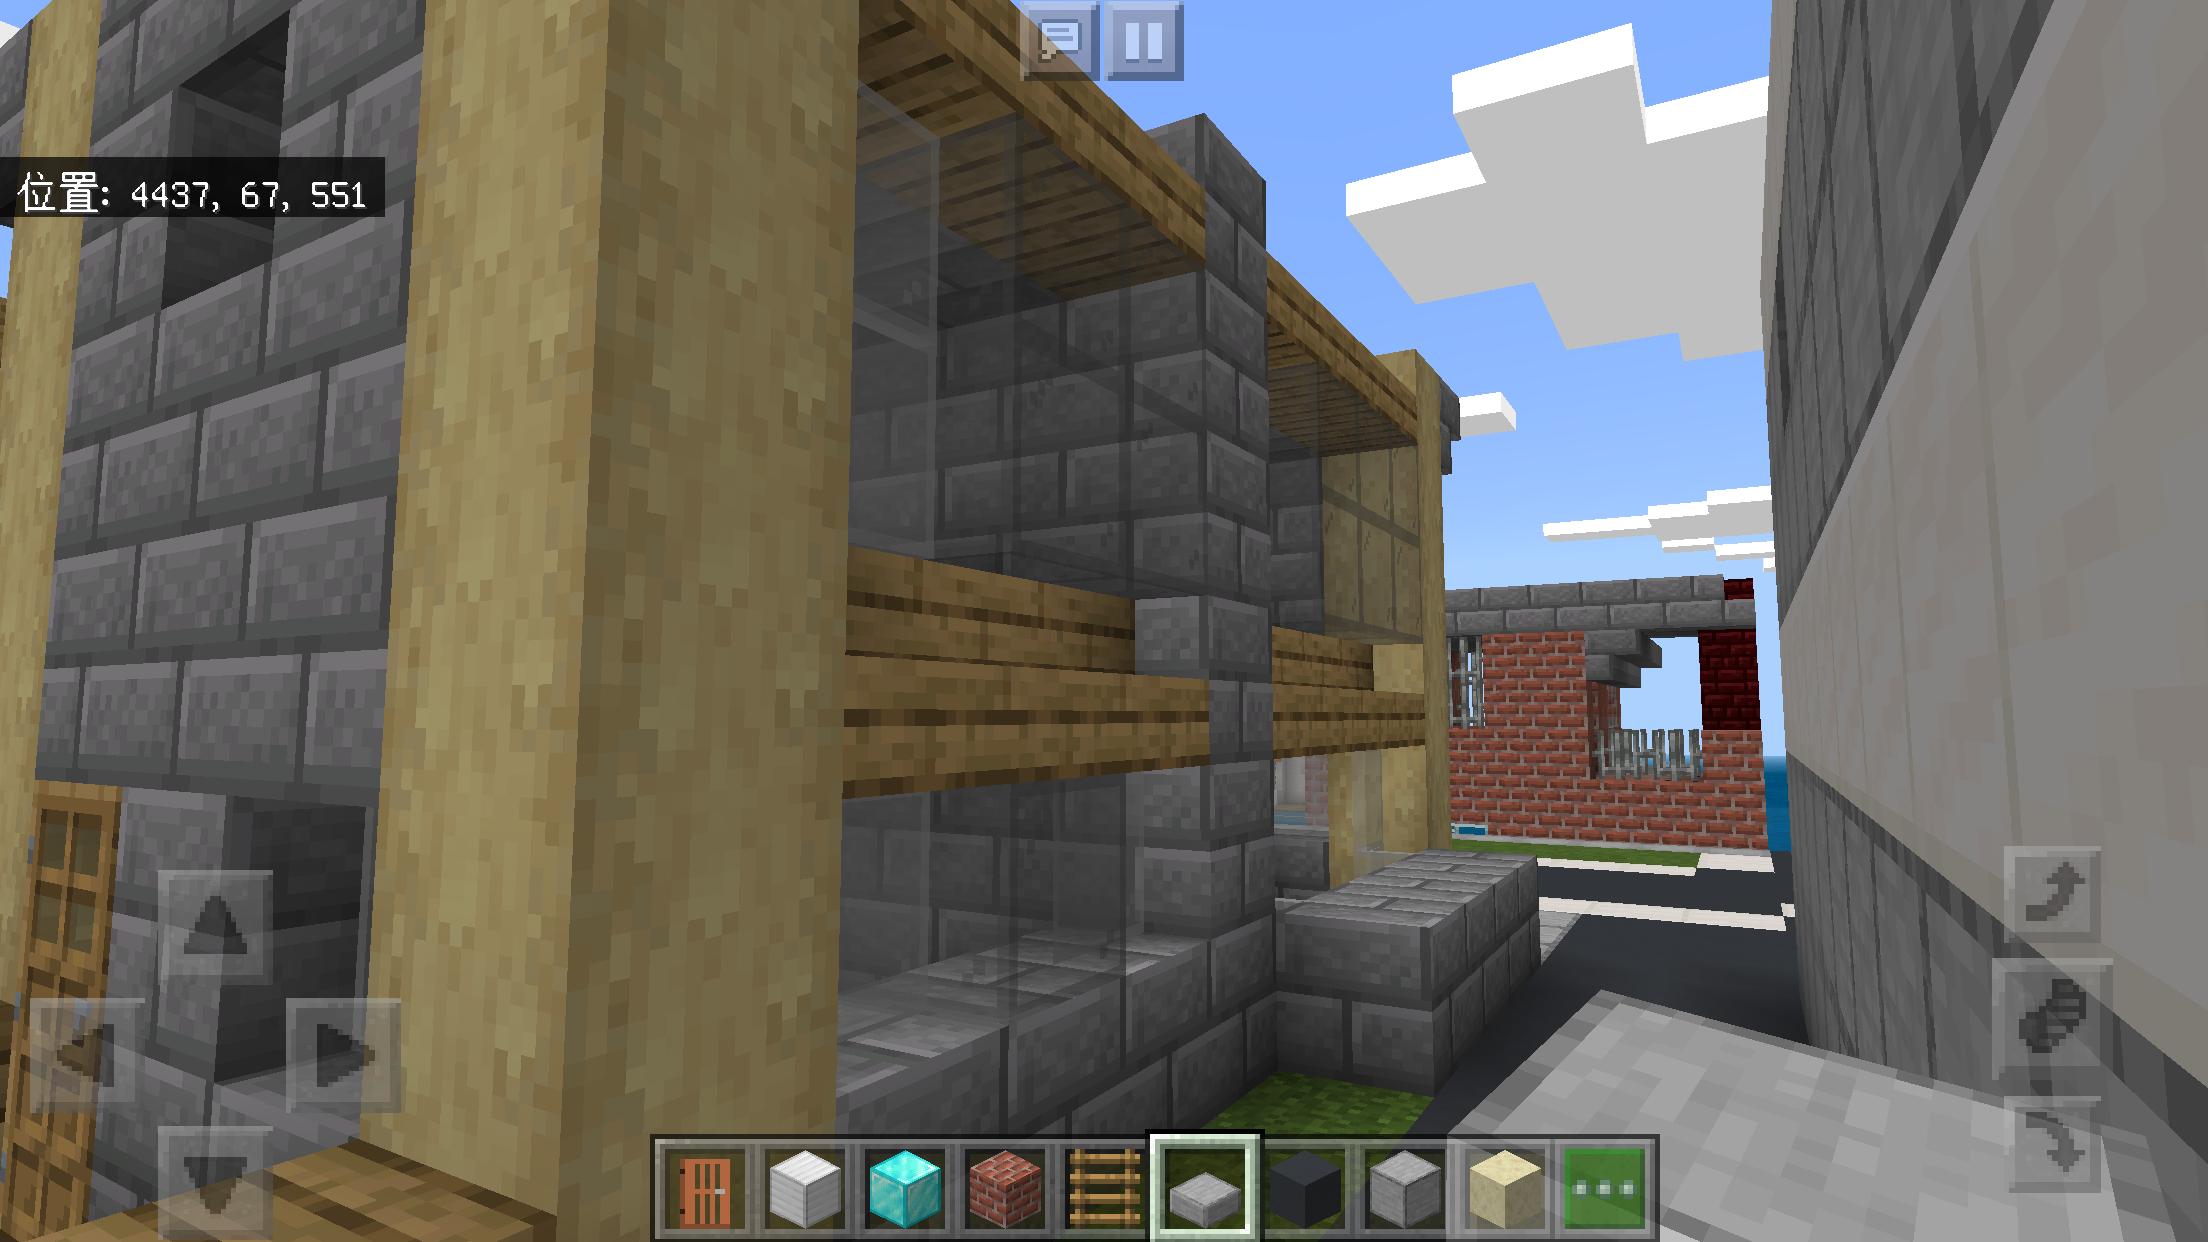 f:id:Minecraftkun:20200223175833p:image